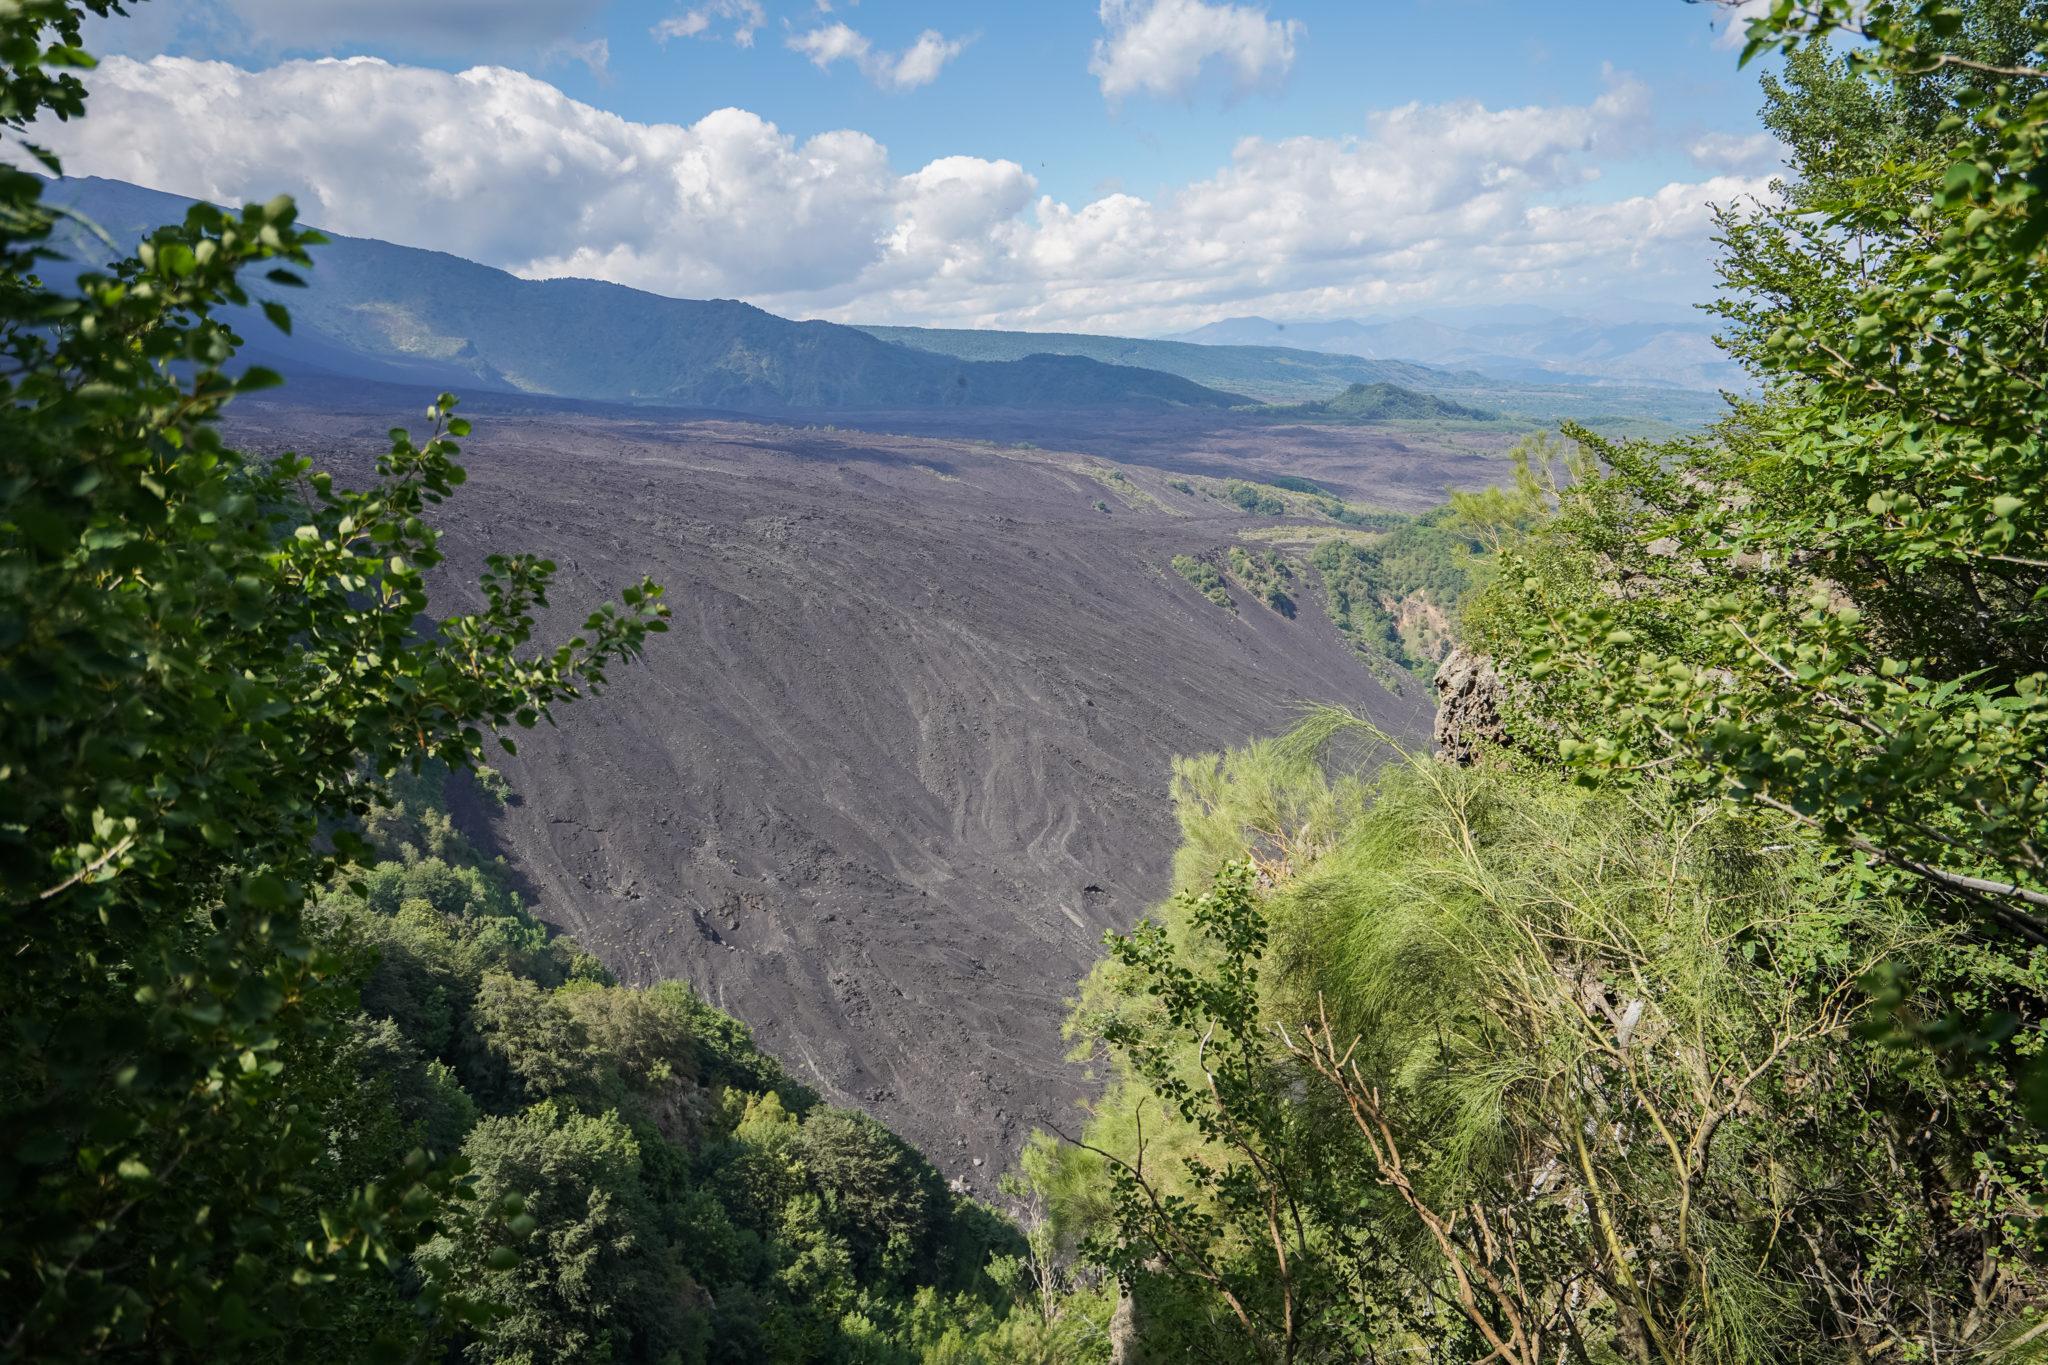 etna-volcan-valle-del-bove-sicile-excursion-visite